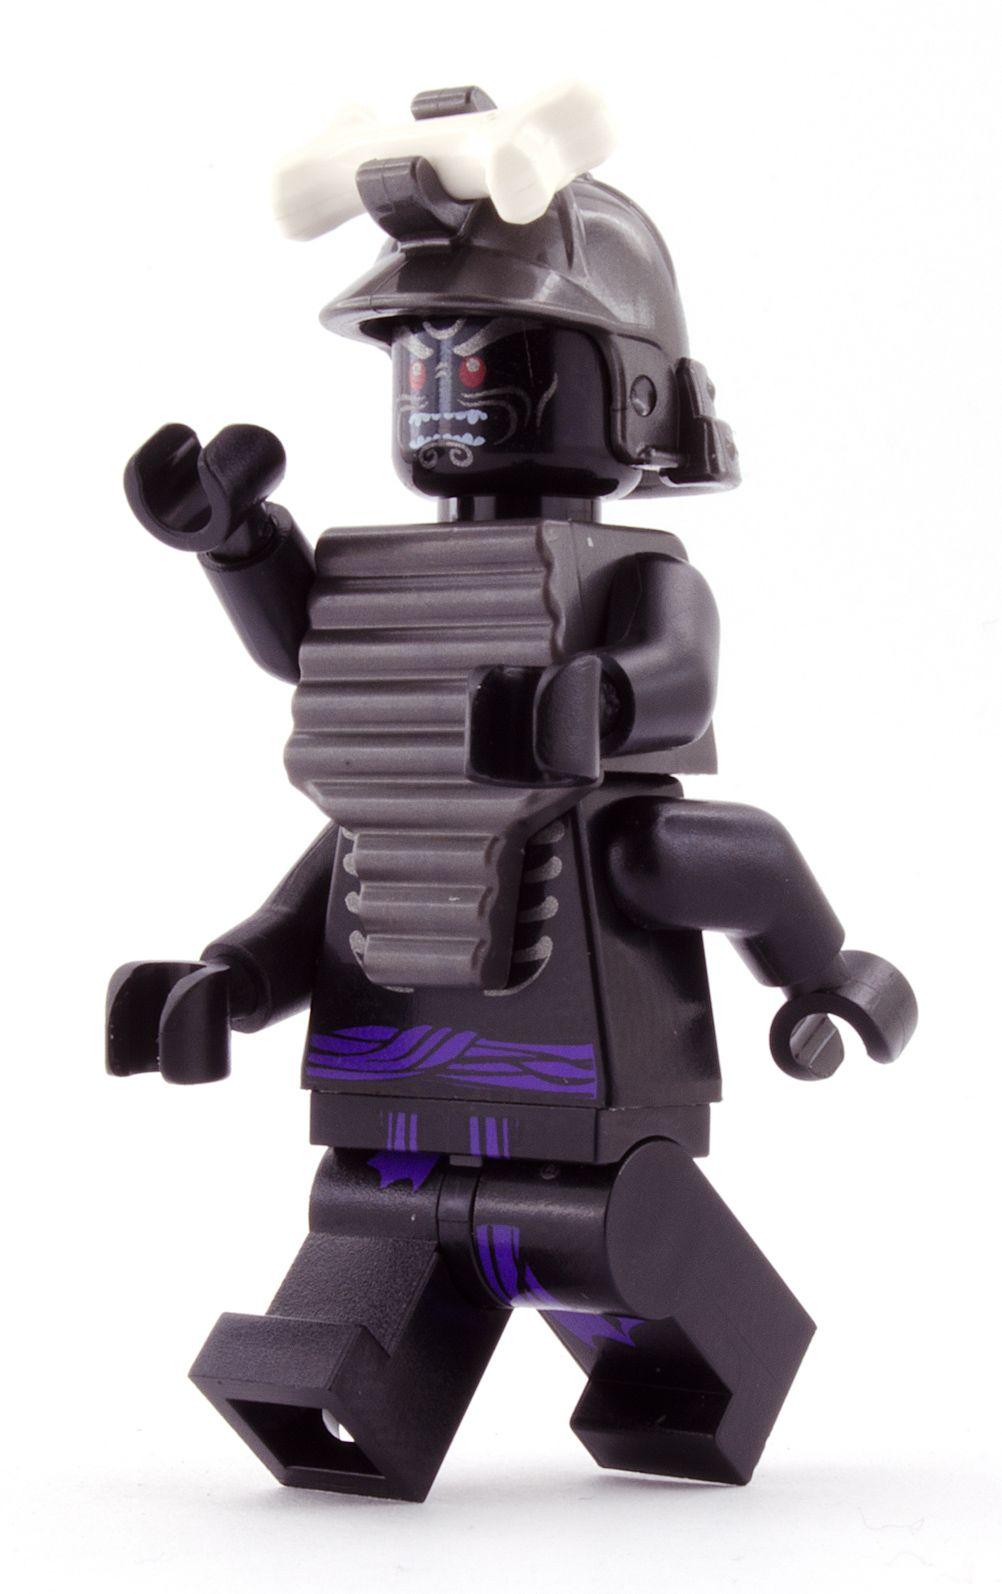 LEGO Lord Garmadon From Ninjago